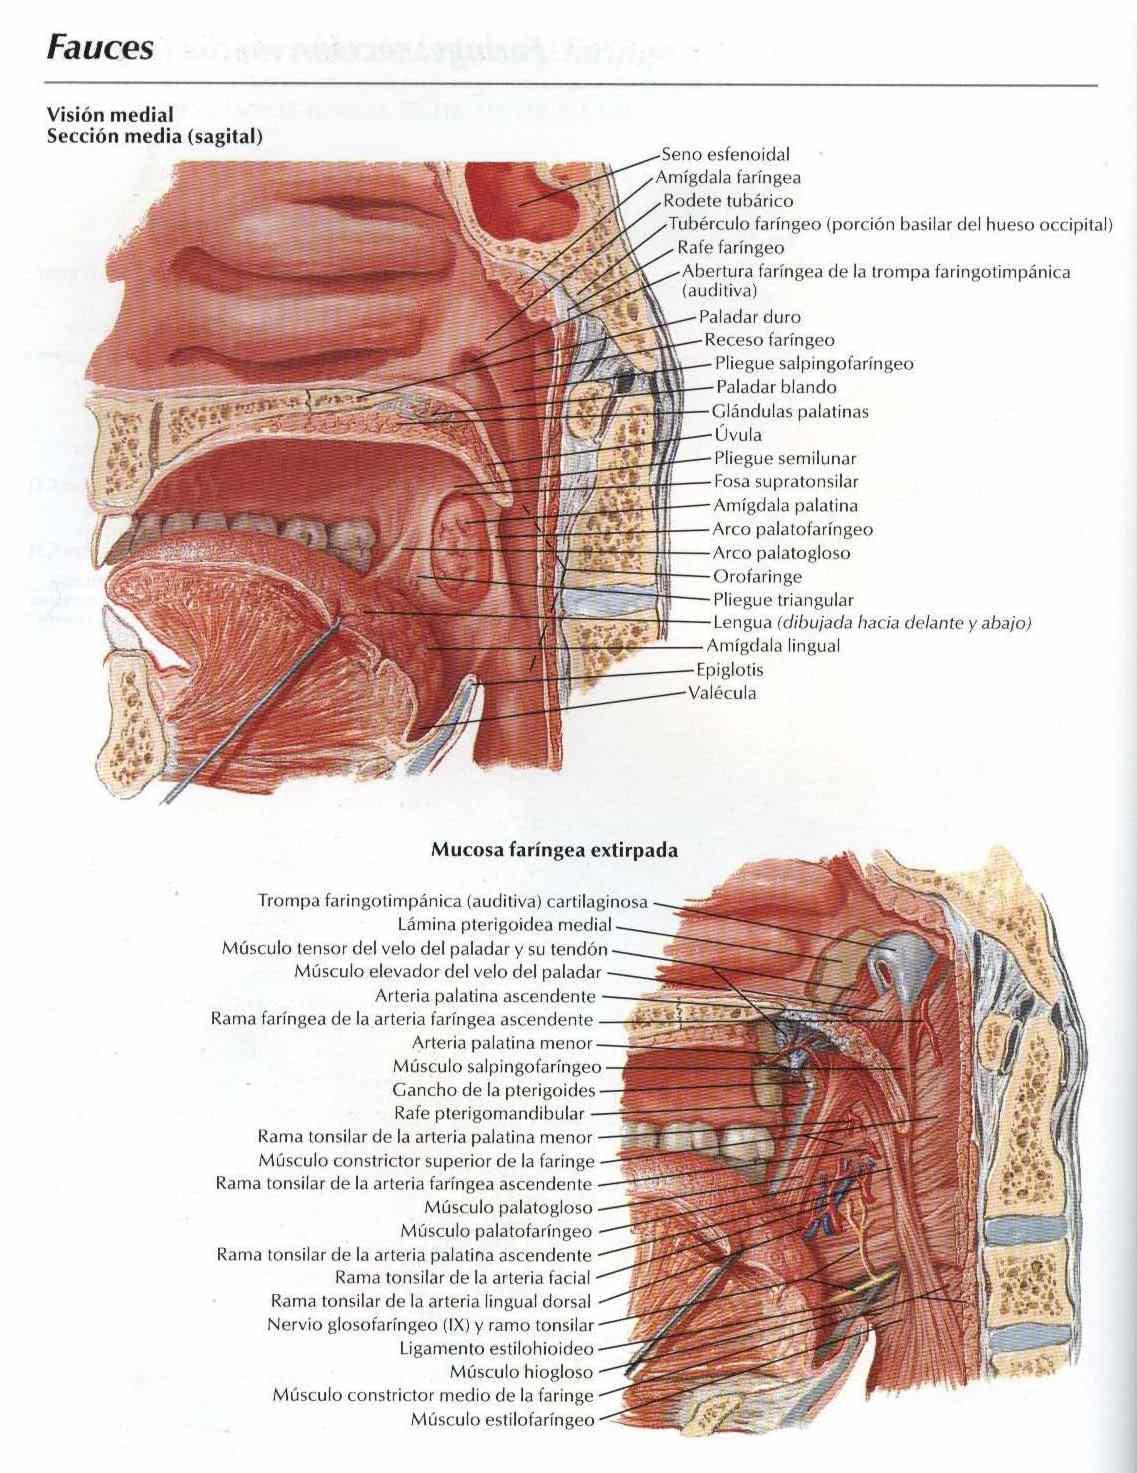 Atlas: Anatomía Fauces - Salud, vida sana, la medicina natural a su ...